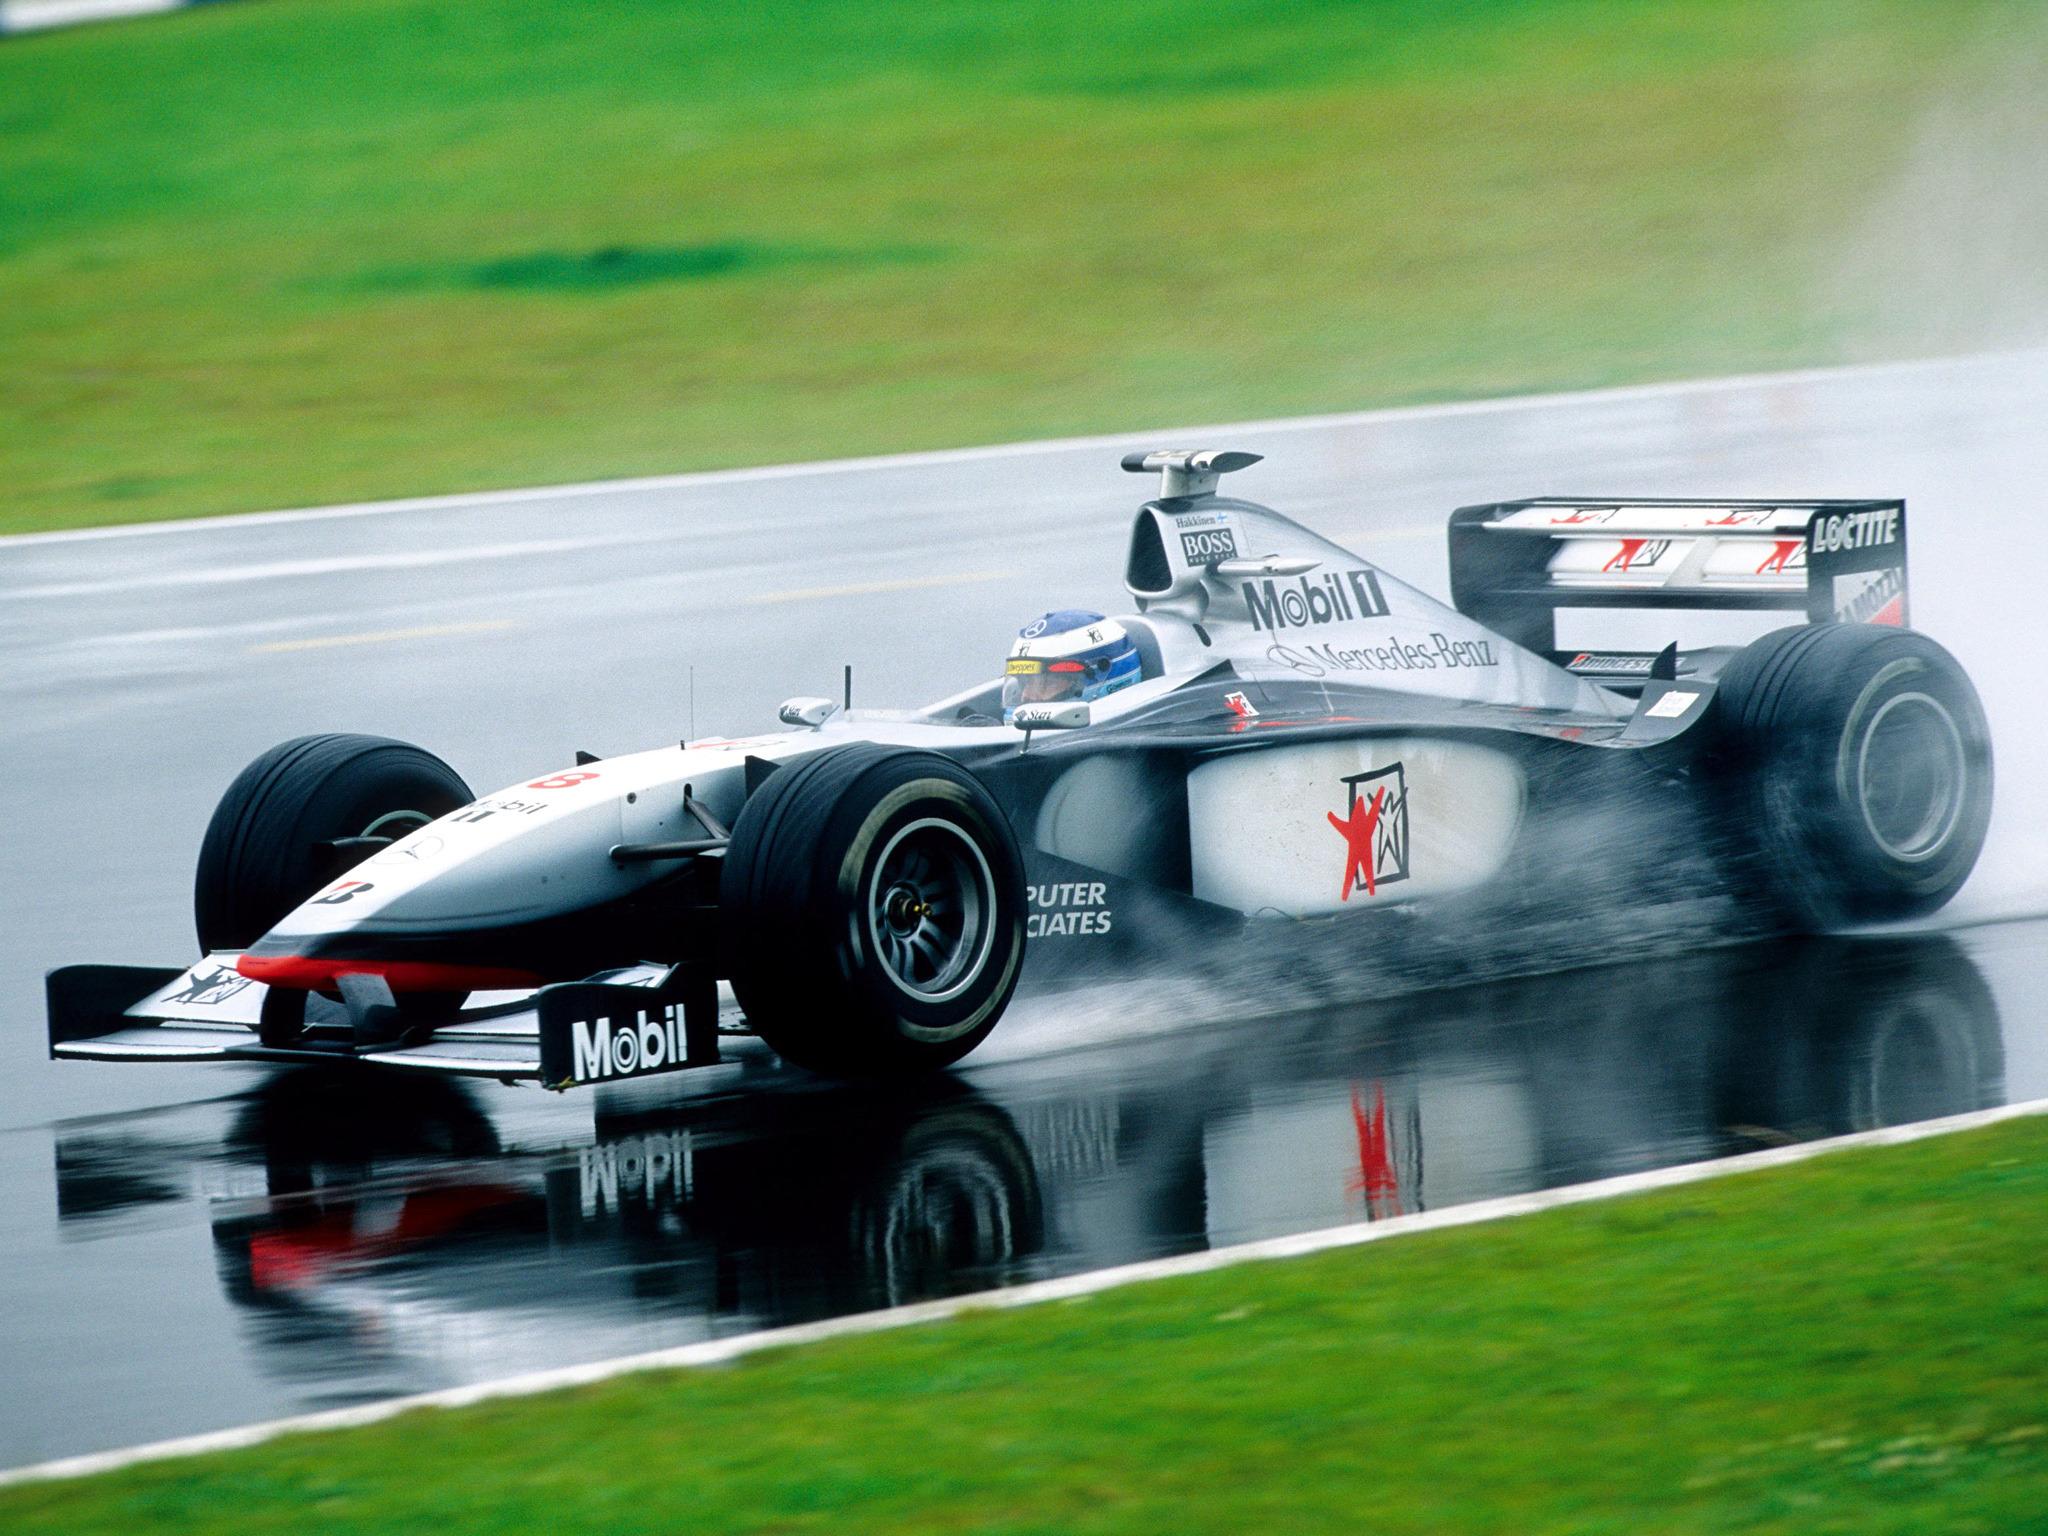 McLaren MP3-13 Mika Häkkinen